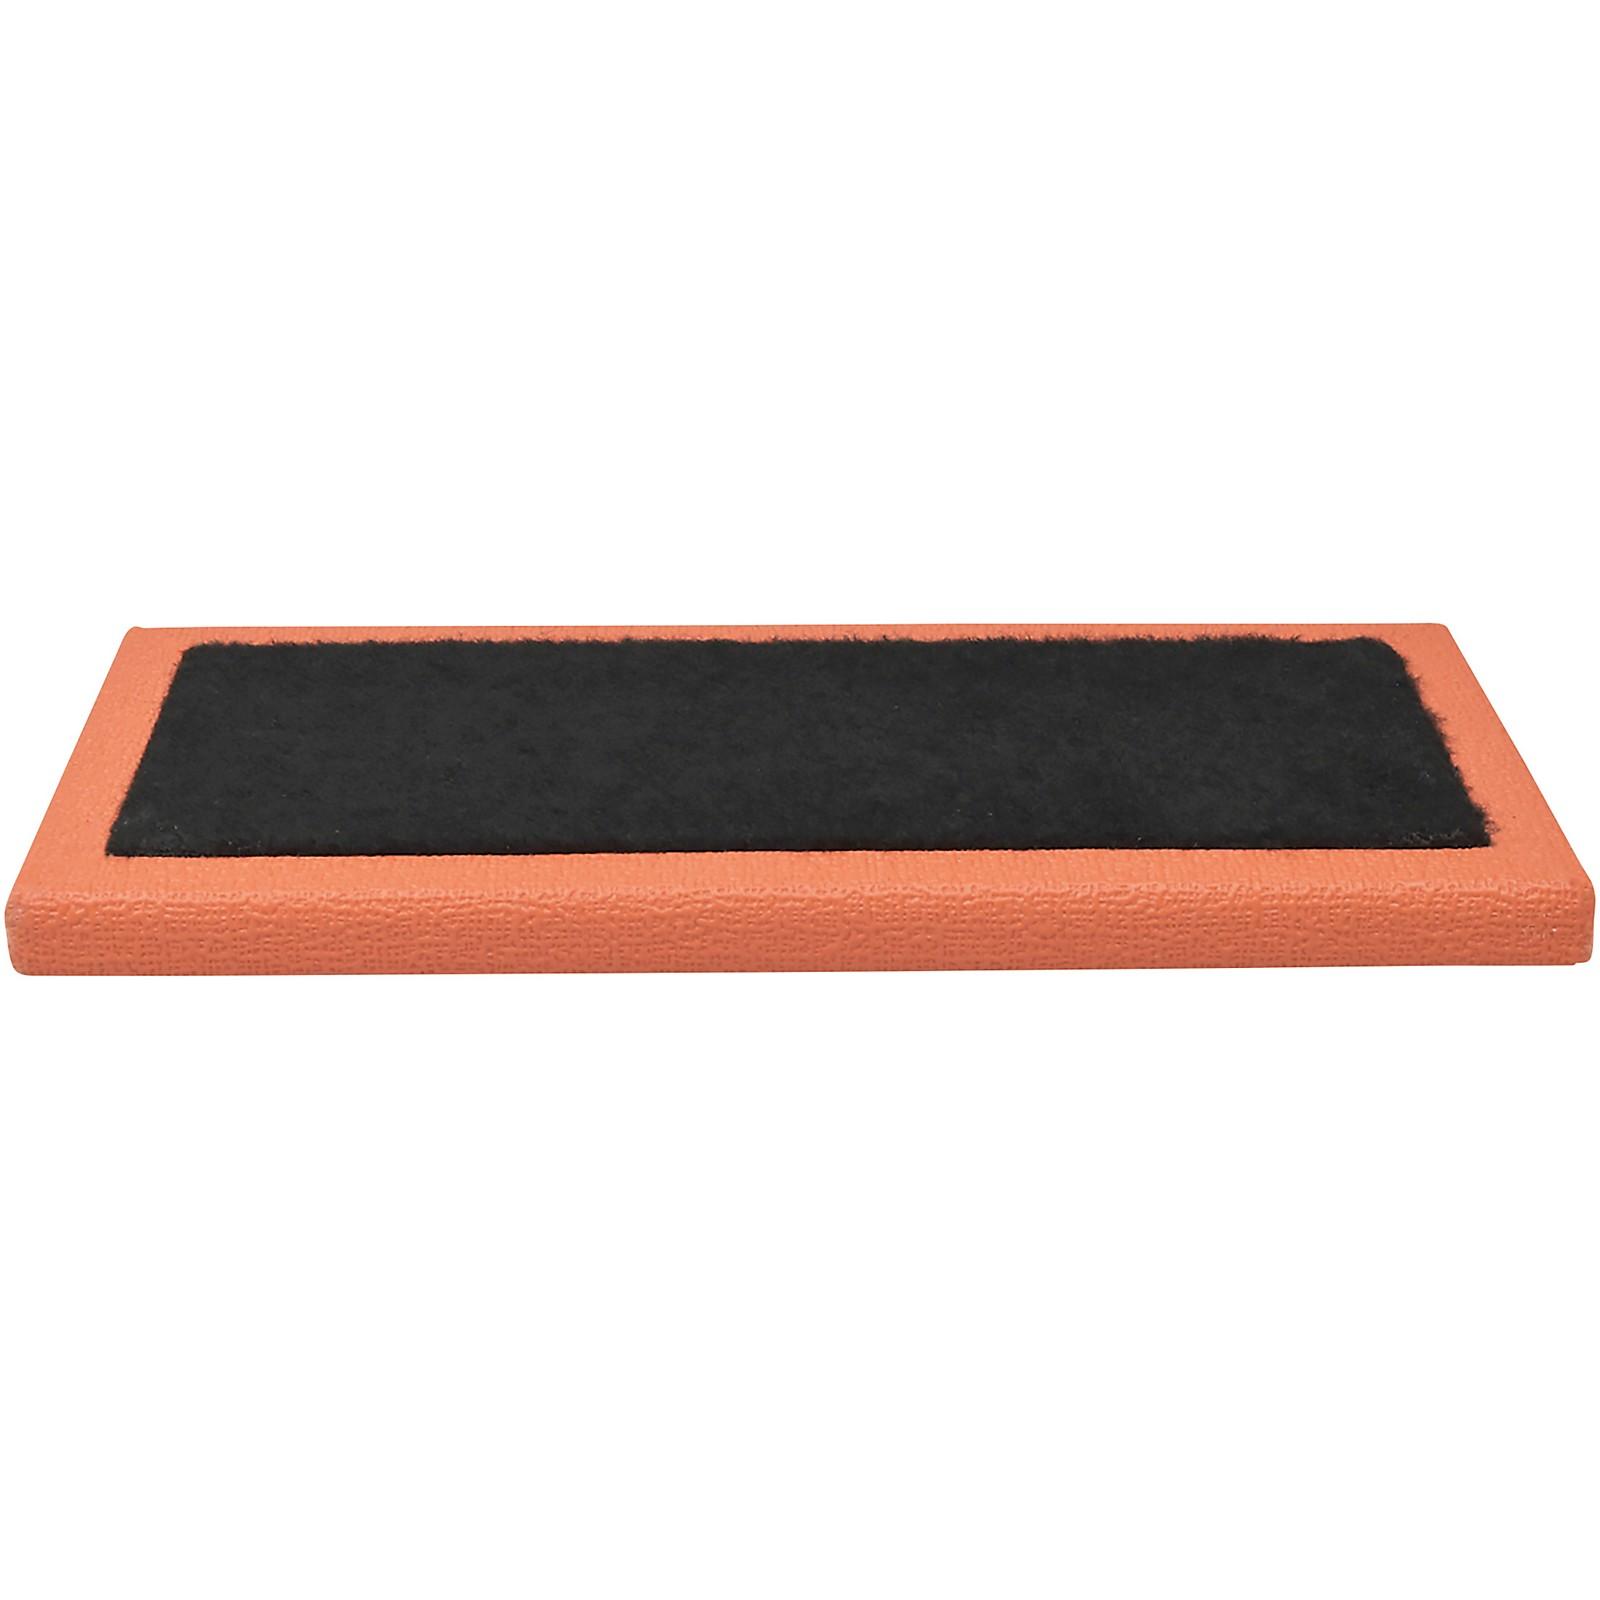 Ruach Music Orange Tolex 1 Pedalboard